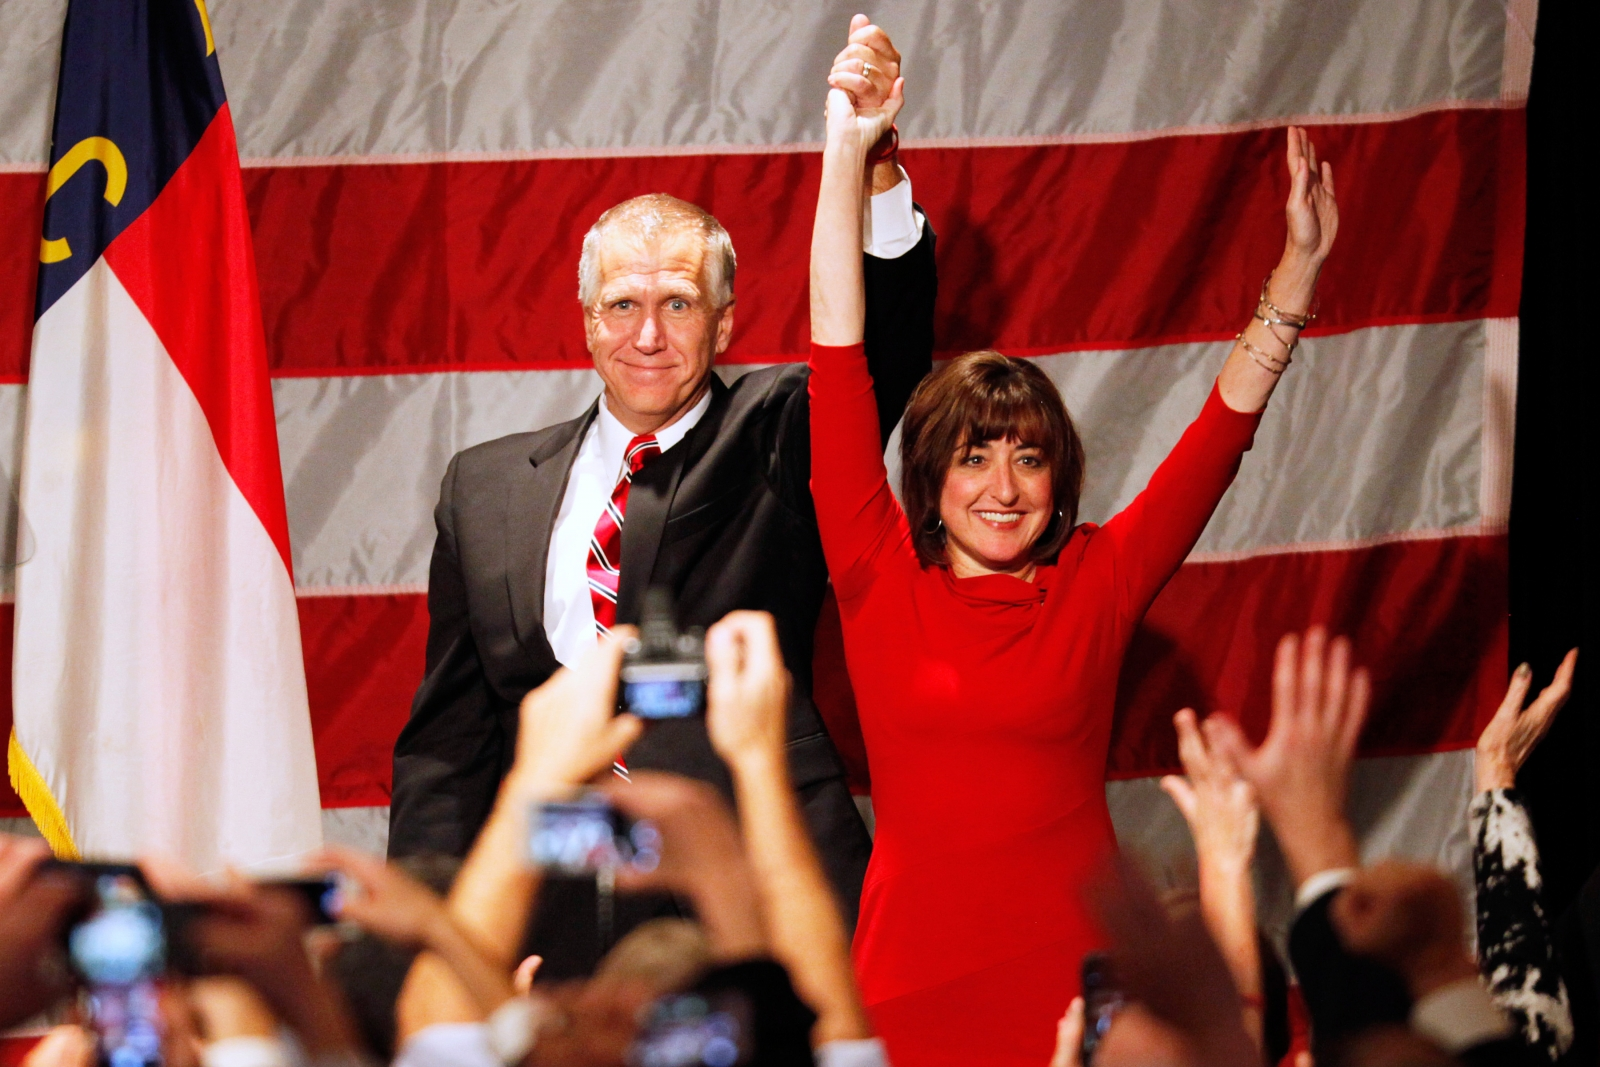 US Mid-Term Elections: Republicans Wrest Control of Senate